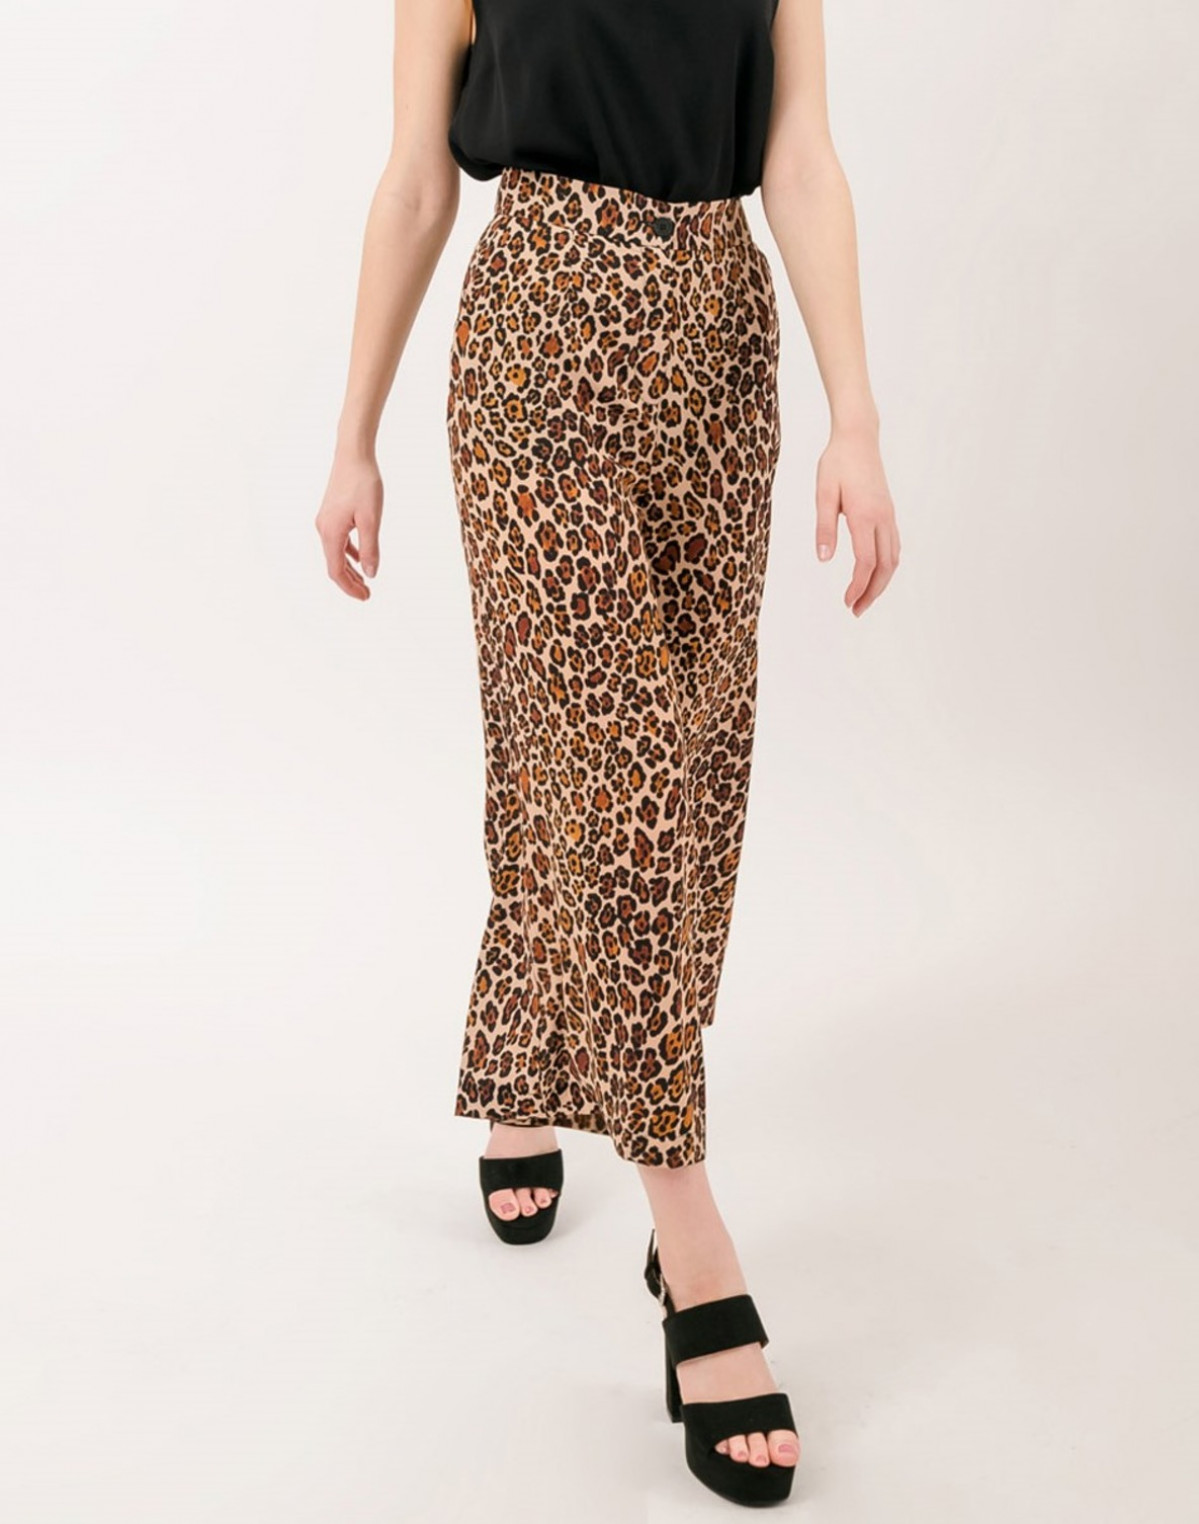 Spodnie wpanterkę Culotte